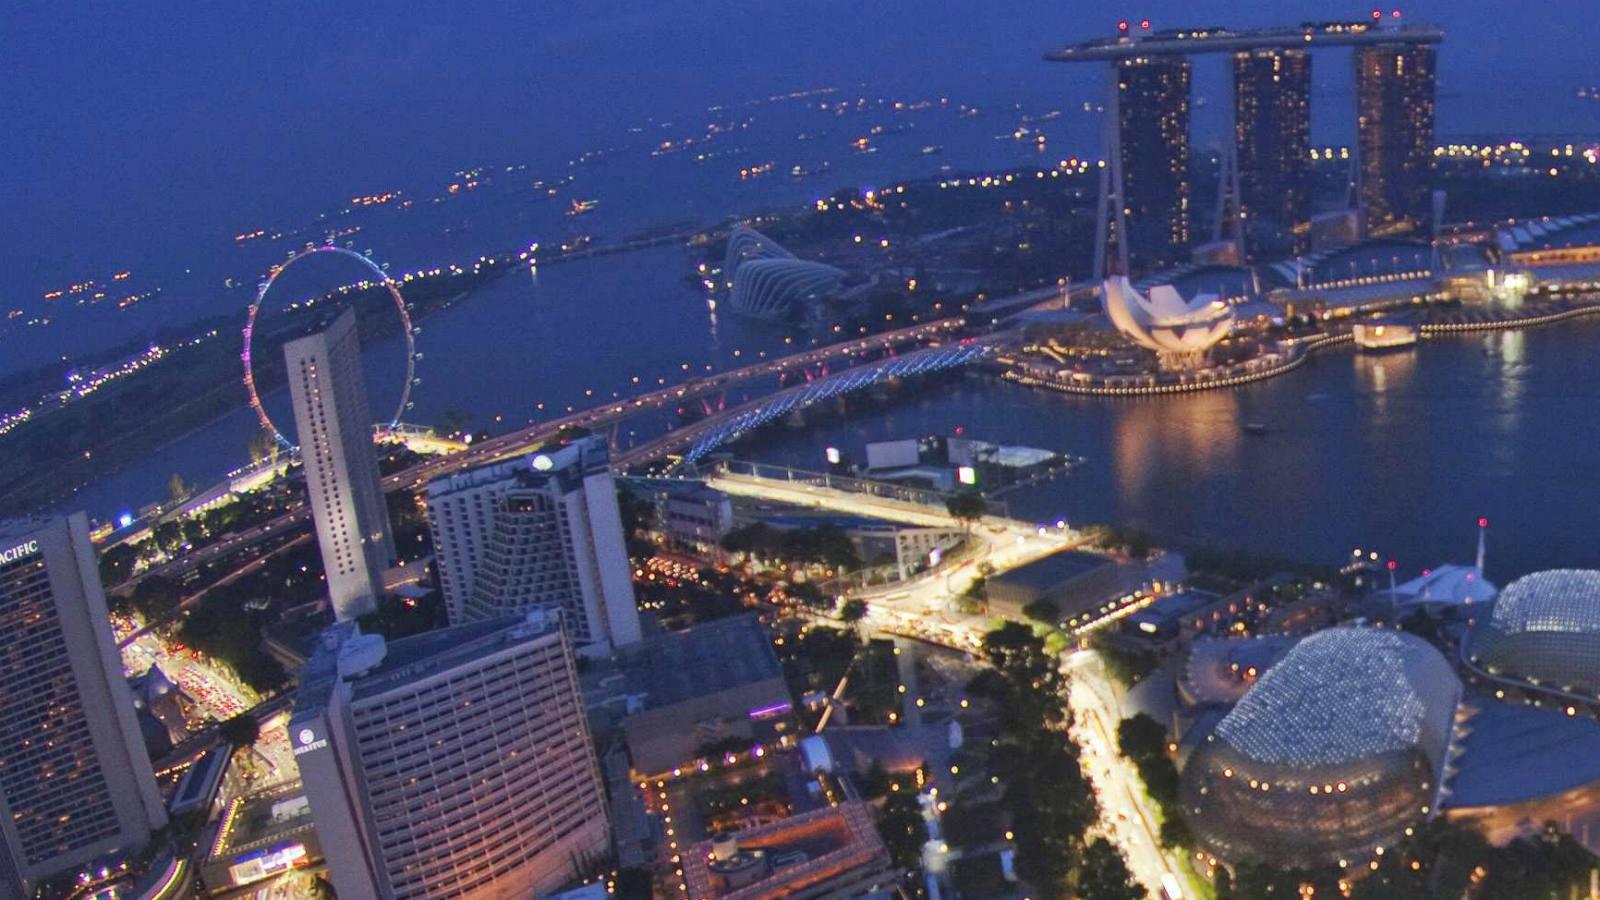 Circuito Singapur : El circuito de singapur prueba la iluminación para el gran premio de